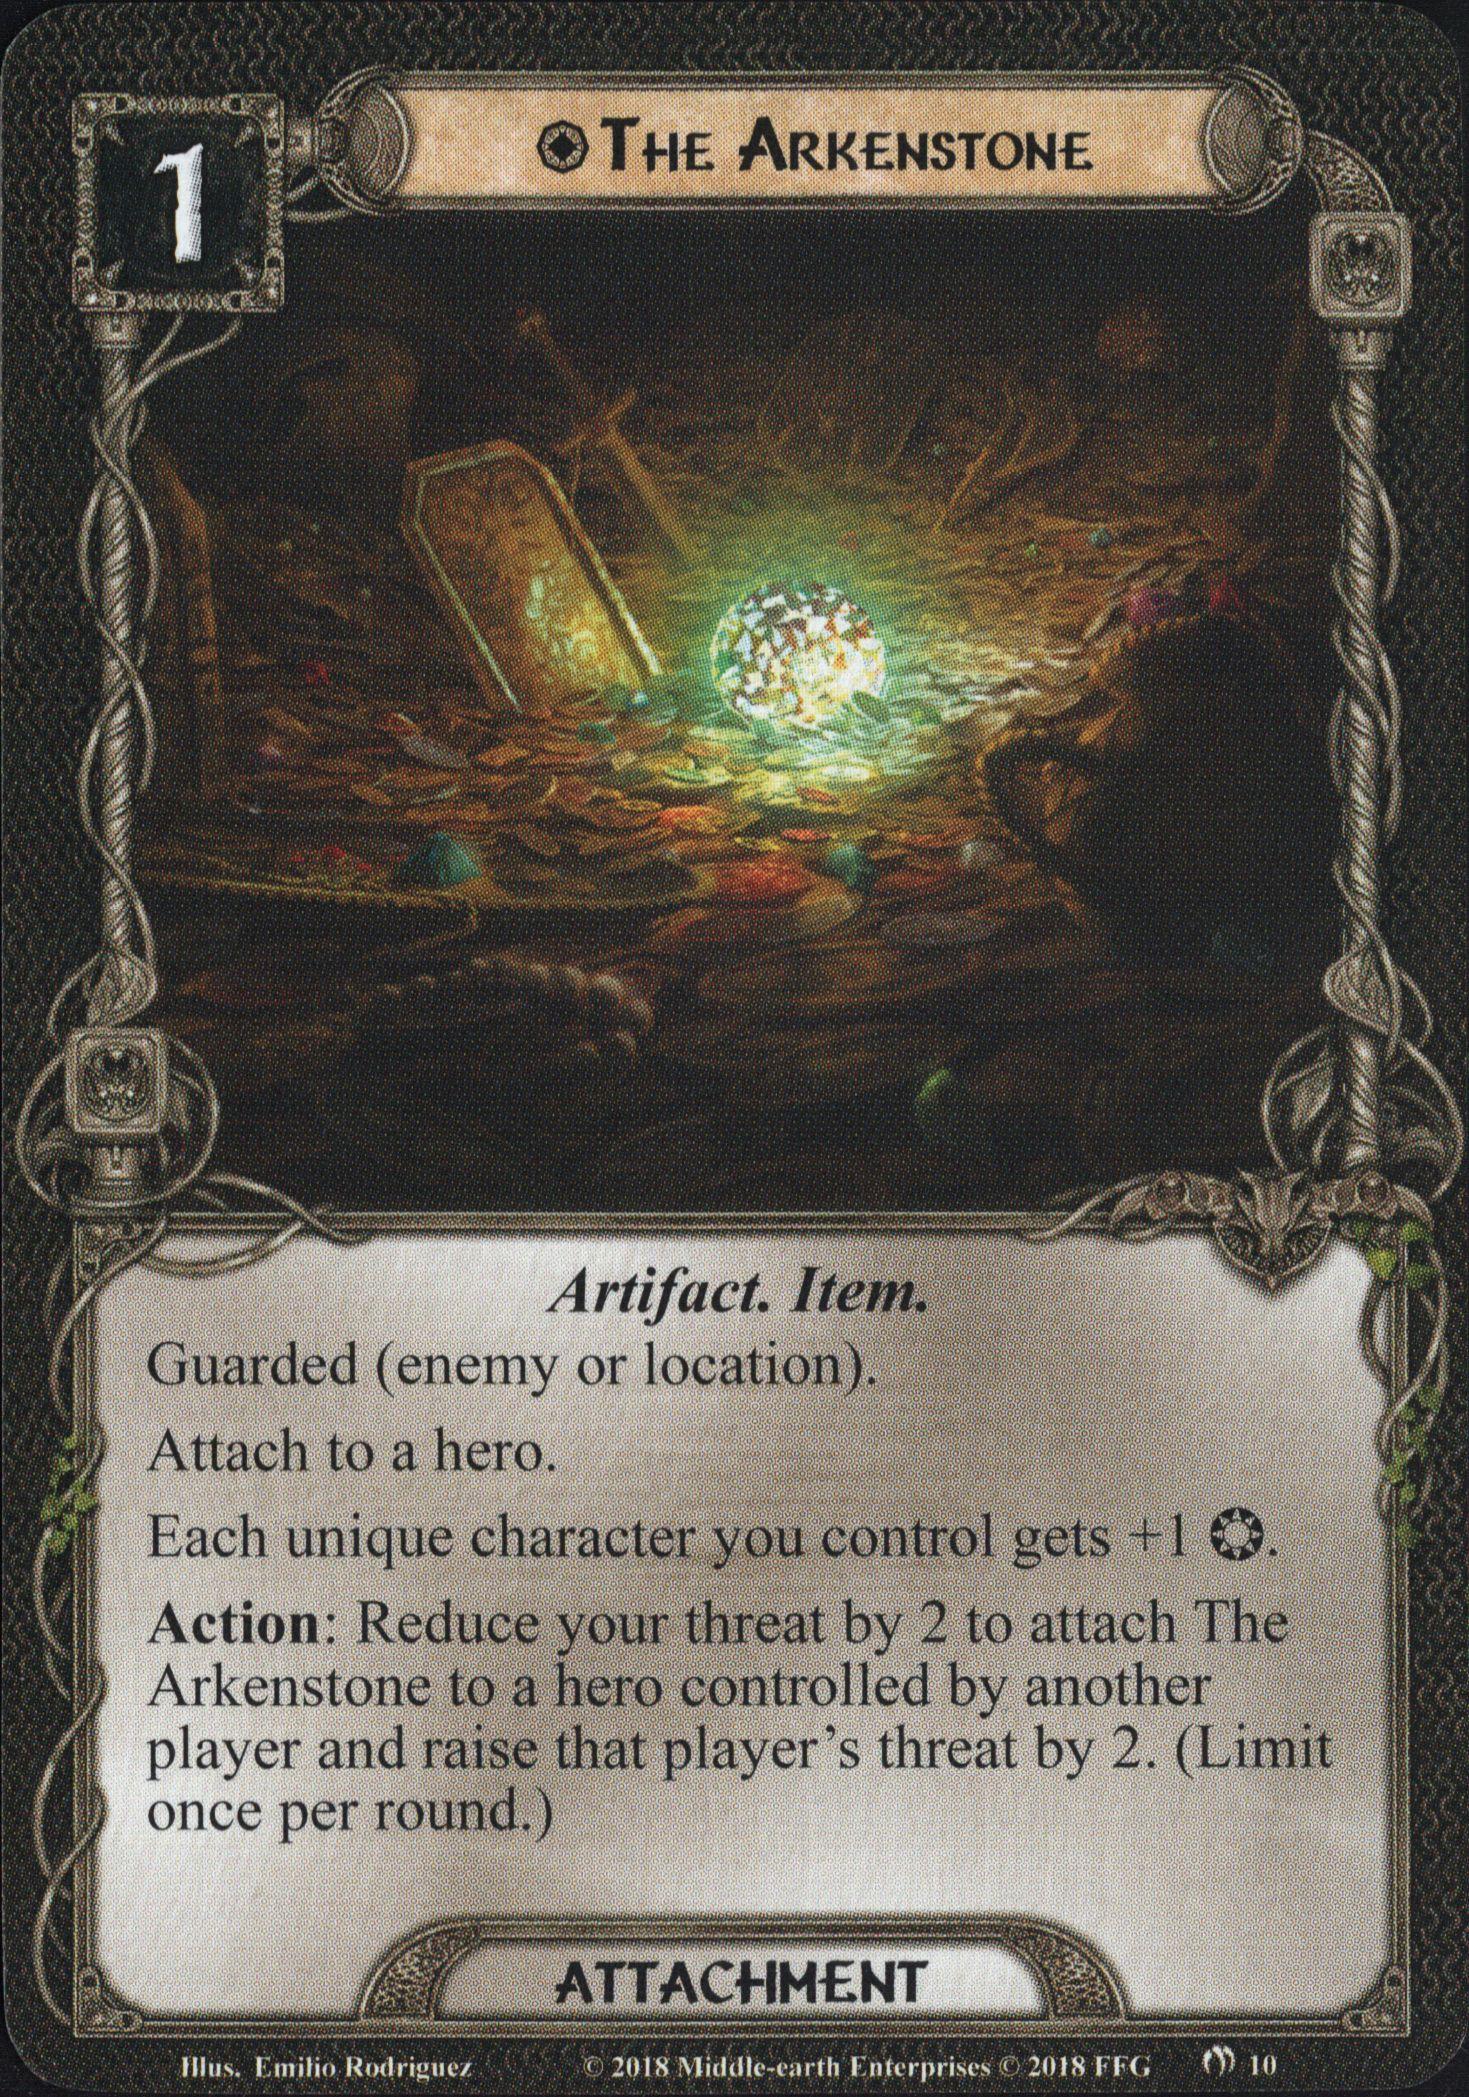 Galerie visuelle des cartes joueurs à venir The-Arkenstone